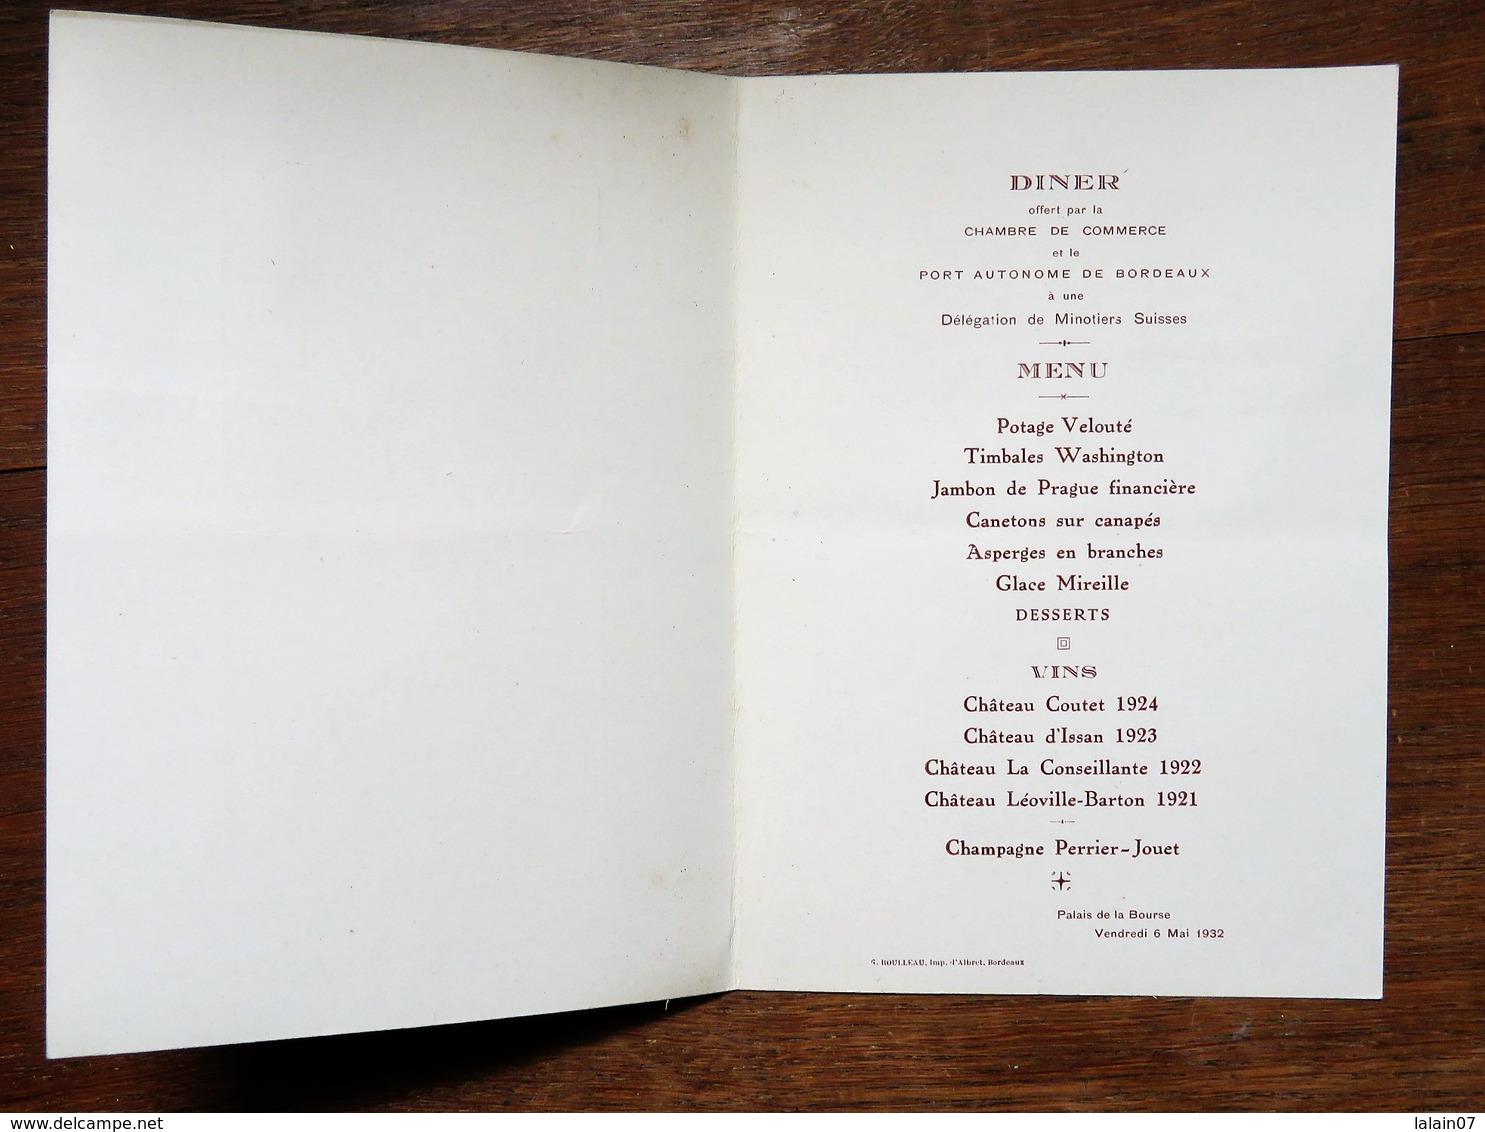 Menu : Diner Offert  Chambre De Commerce Et  Port Autonome De BORDEAUX à Une Délégation MINOTIERS SUISSES, Le 6 Mai 1932 - Menus